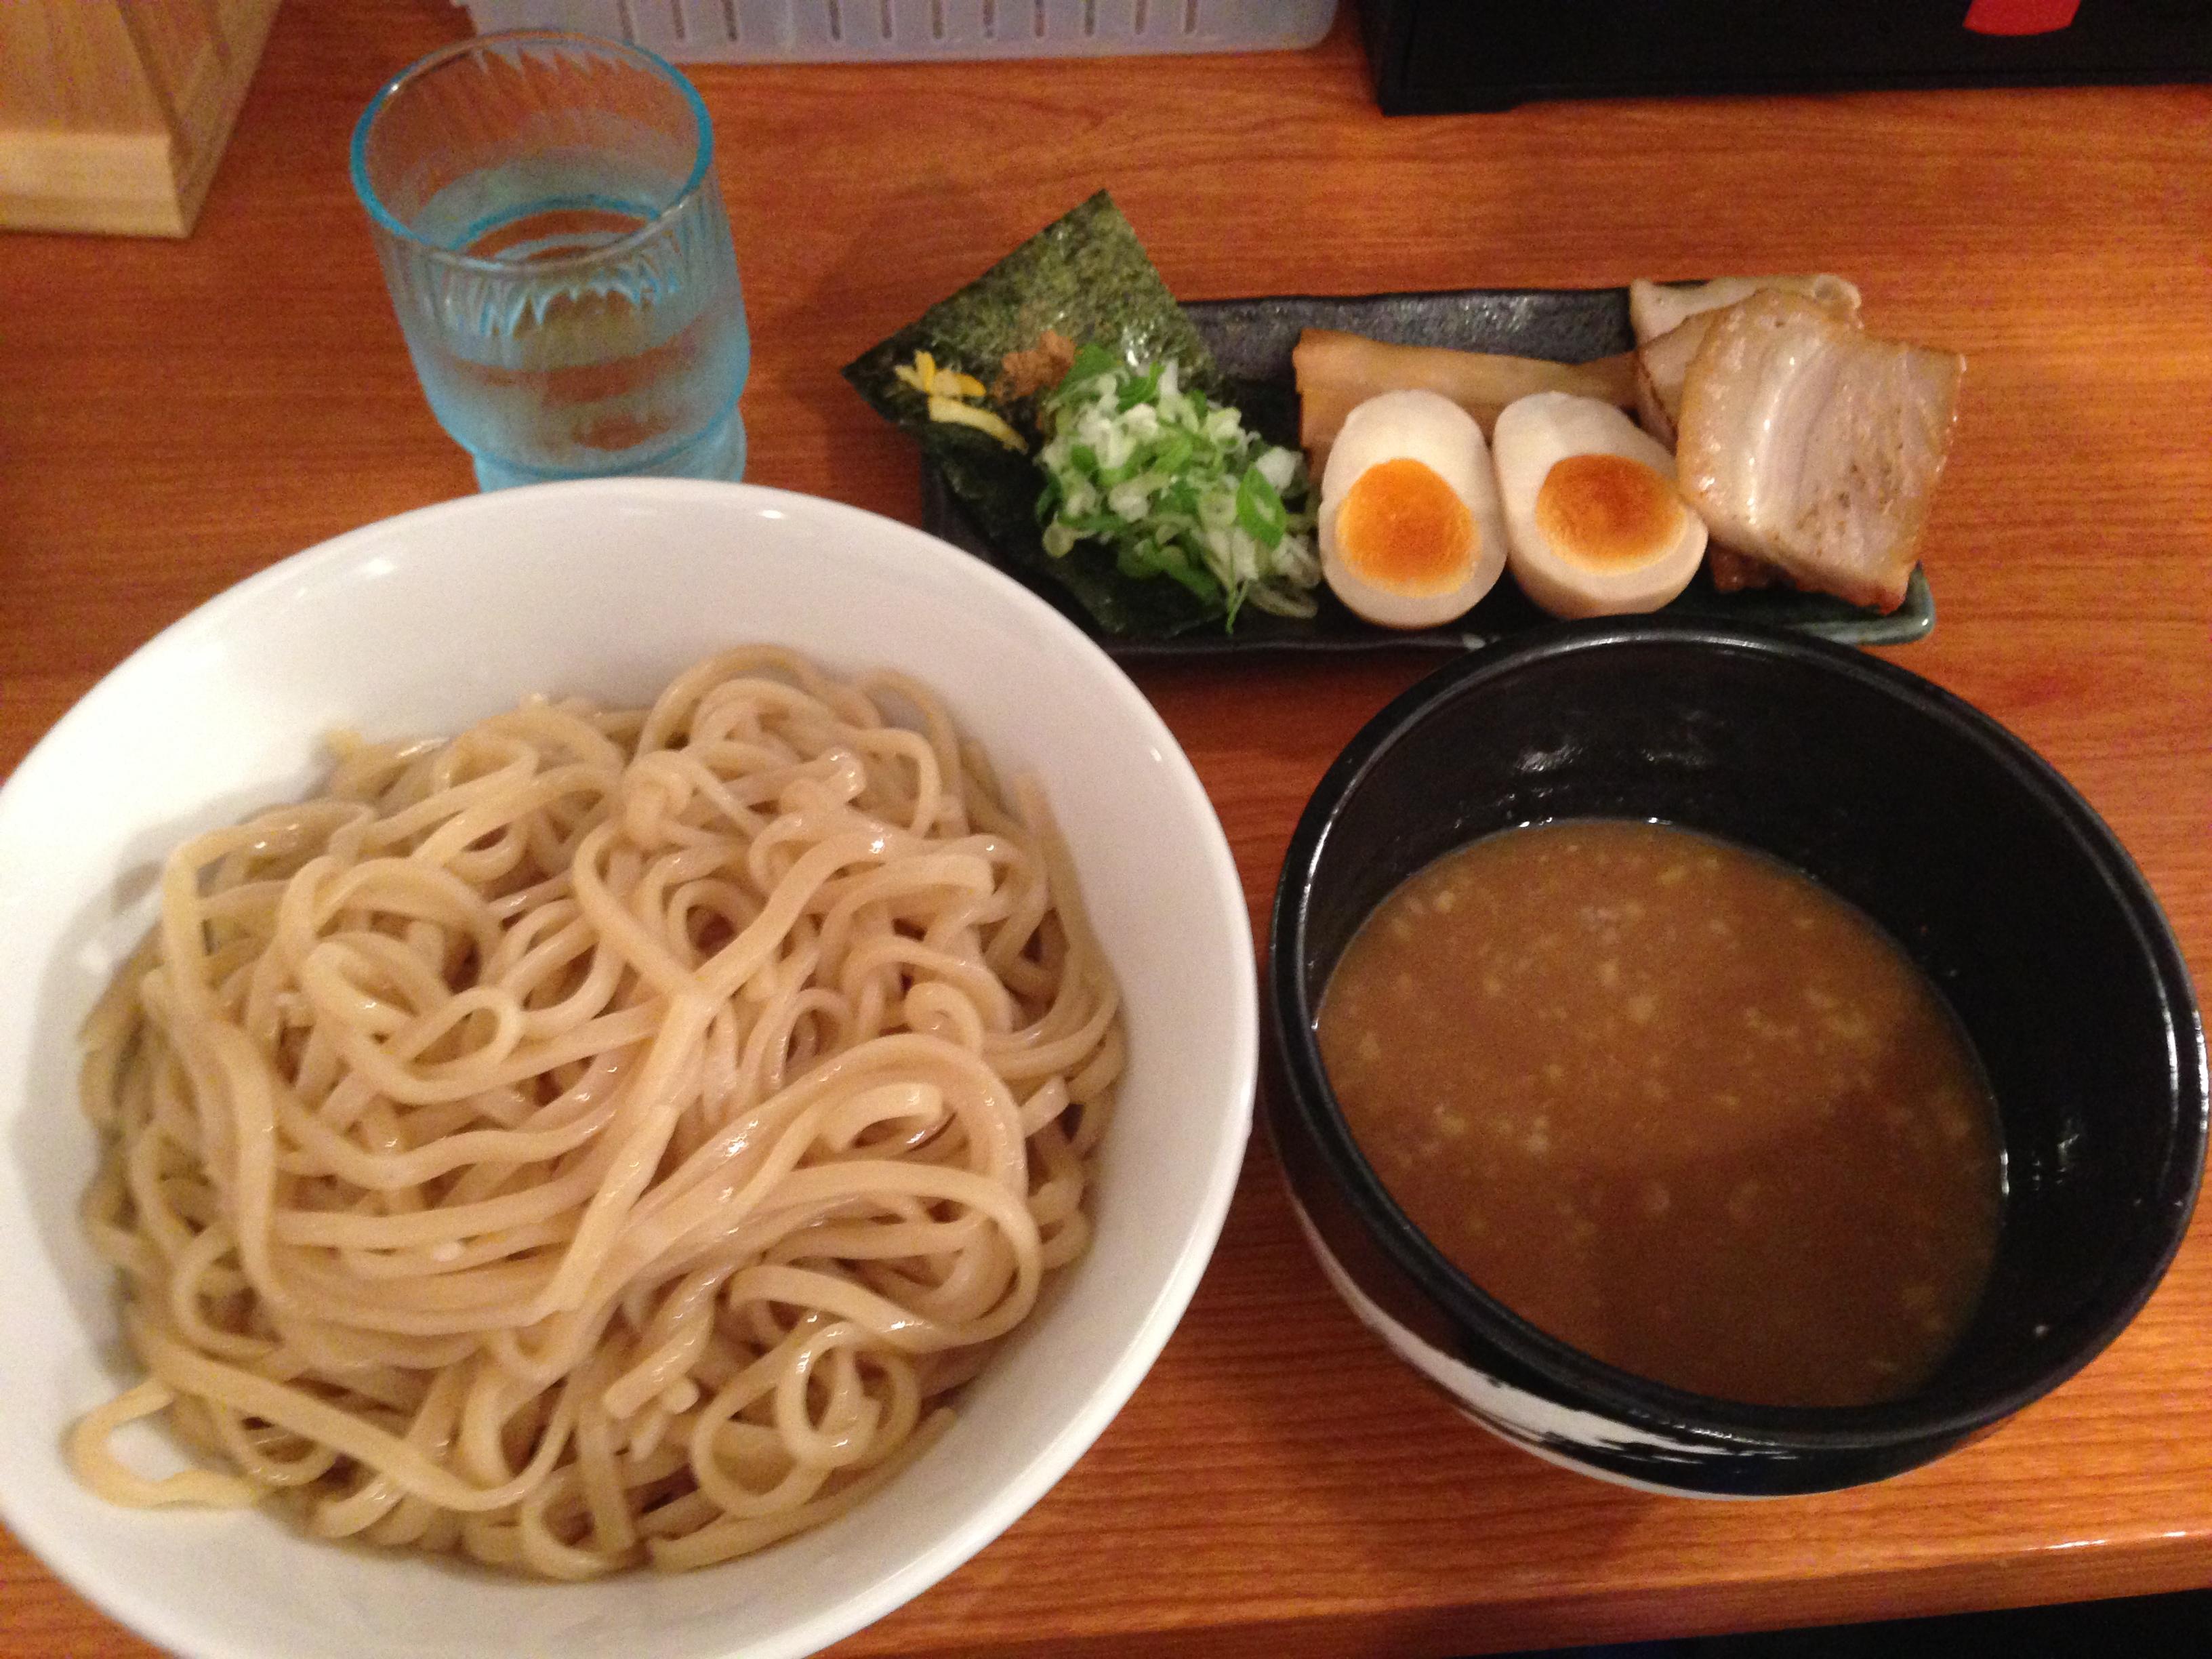 神田でラーメンなら!お腹いっぱい!つけ麺らーめん春樹